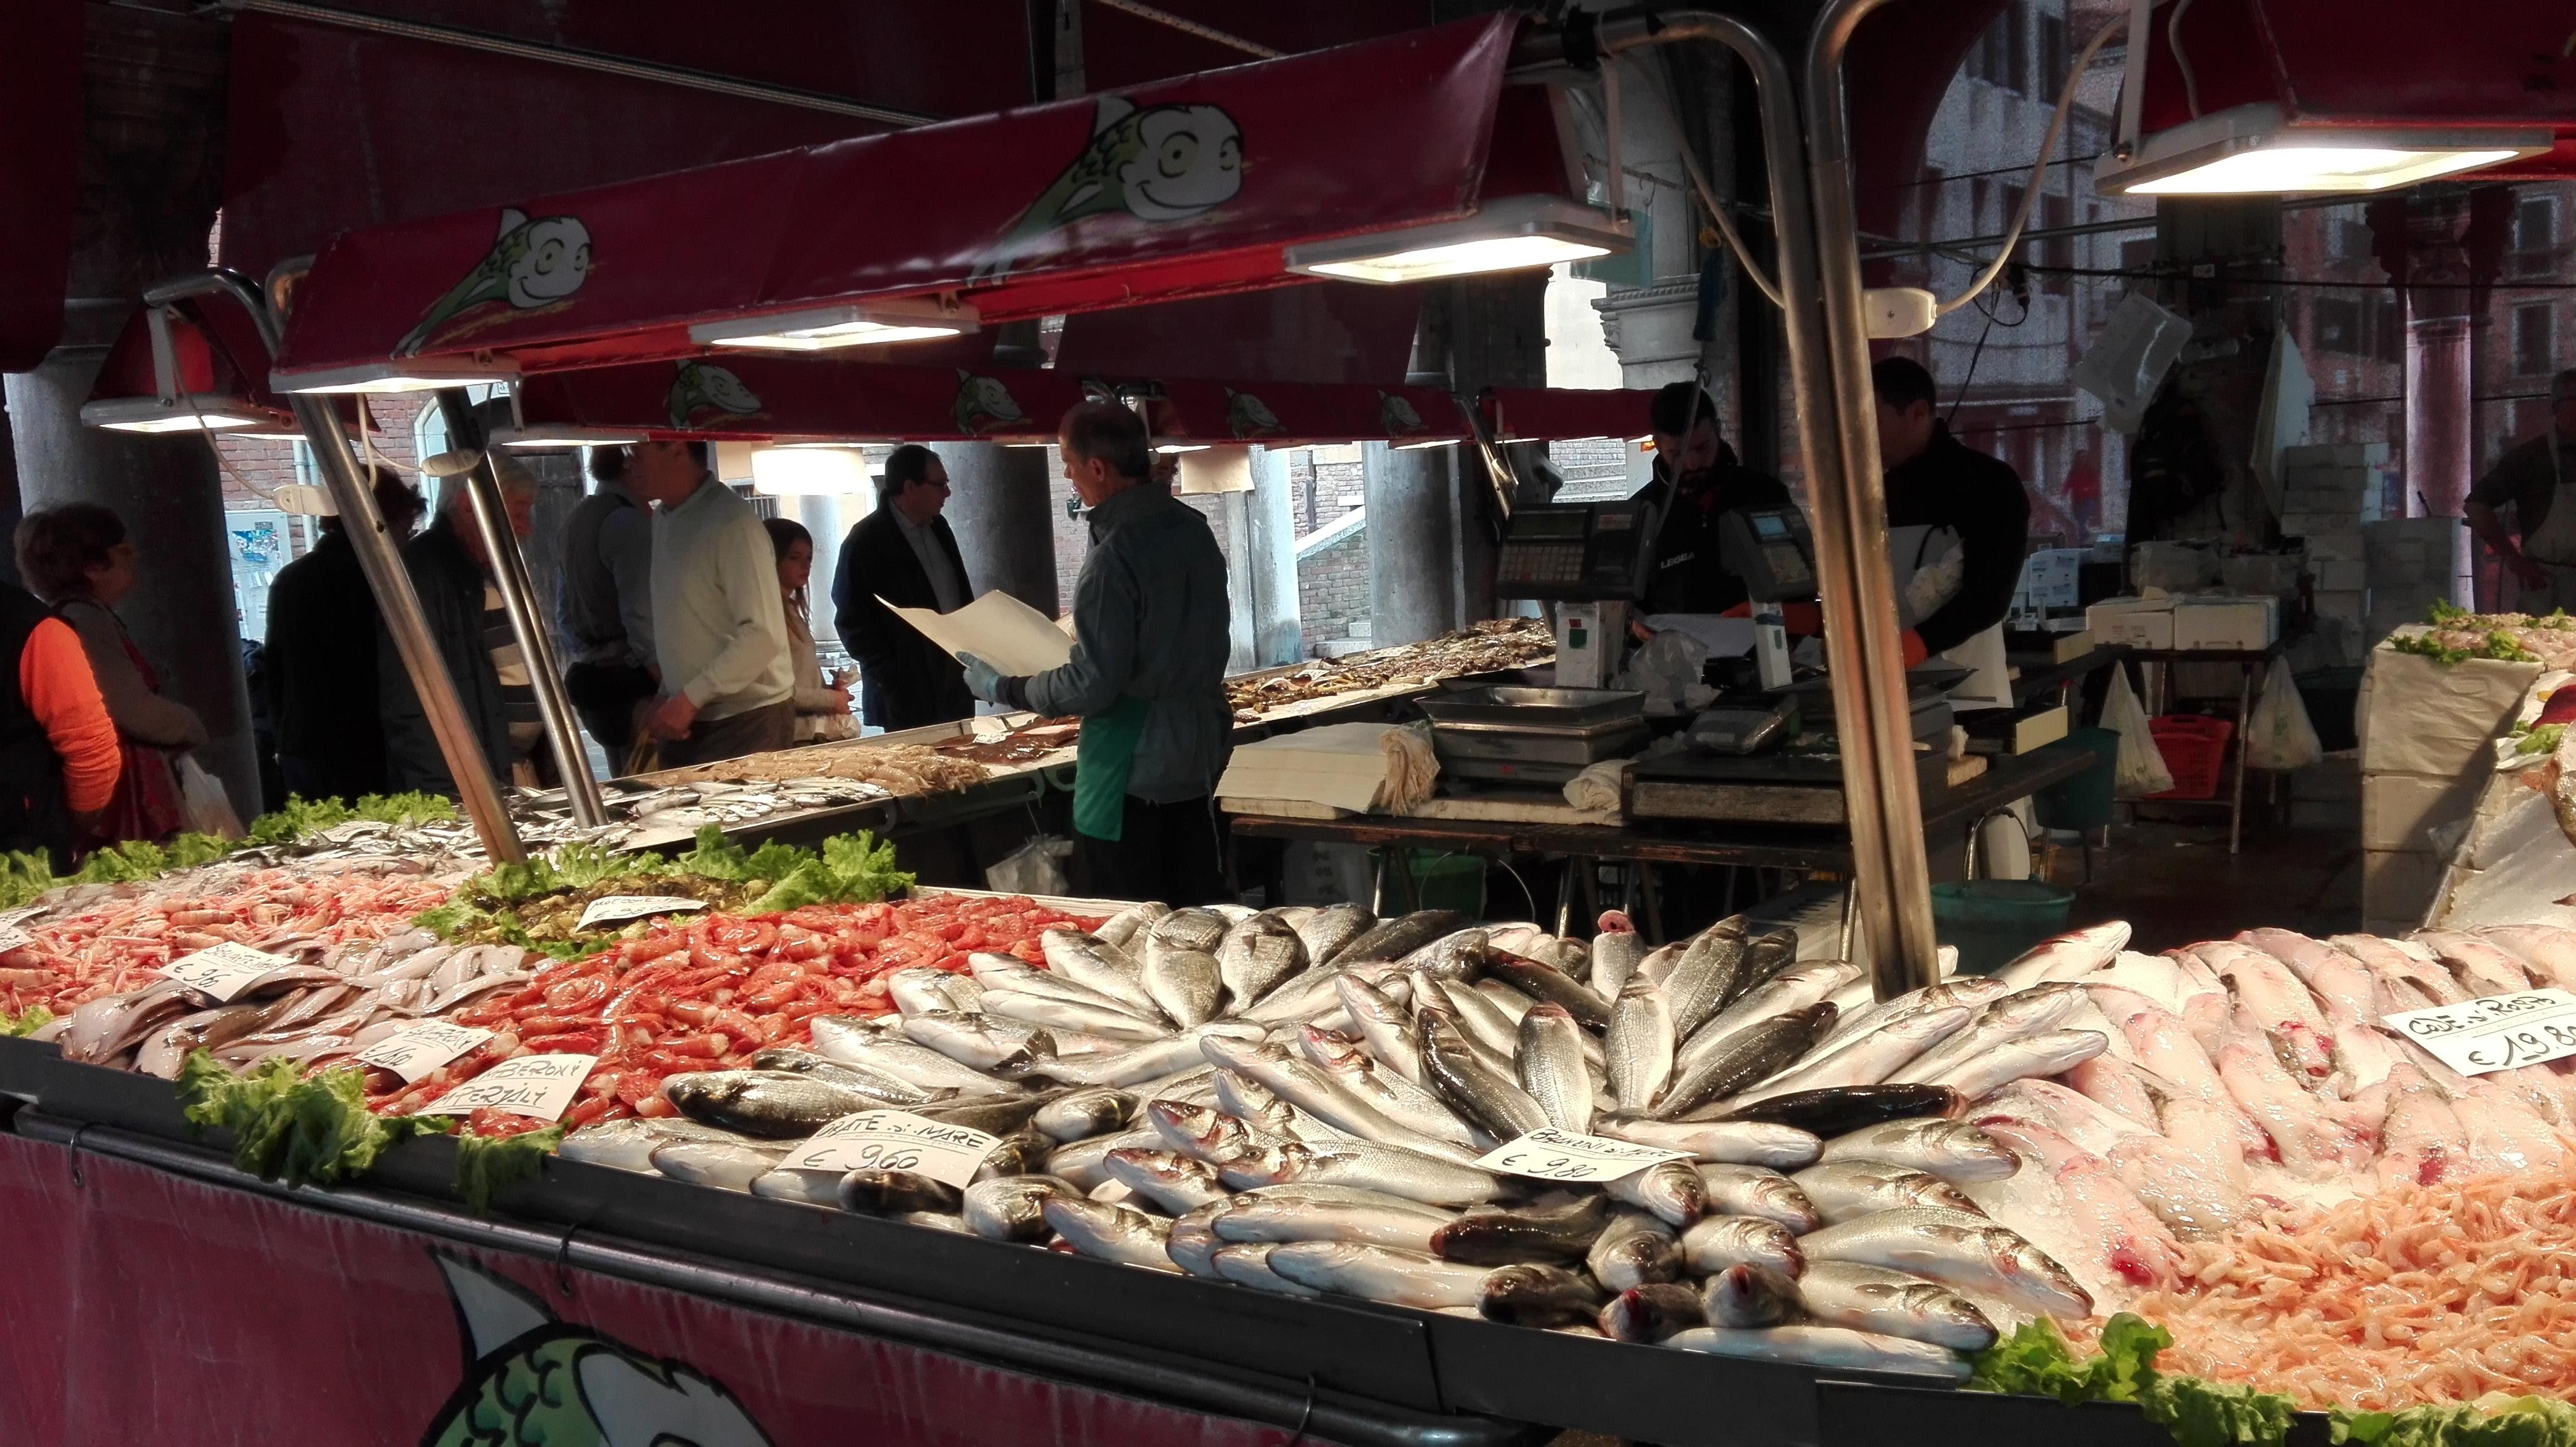 Marché de poissons à Rialto